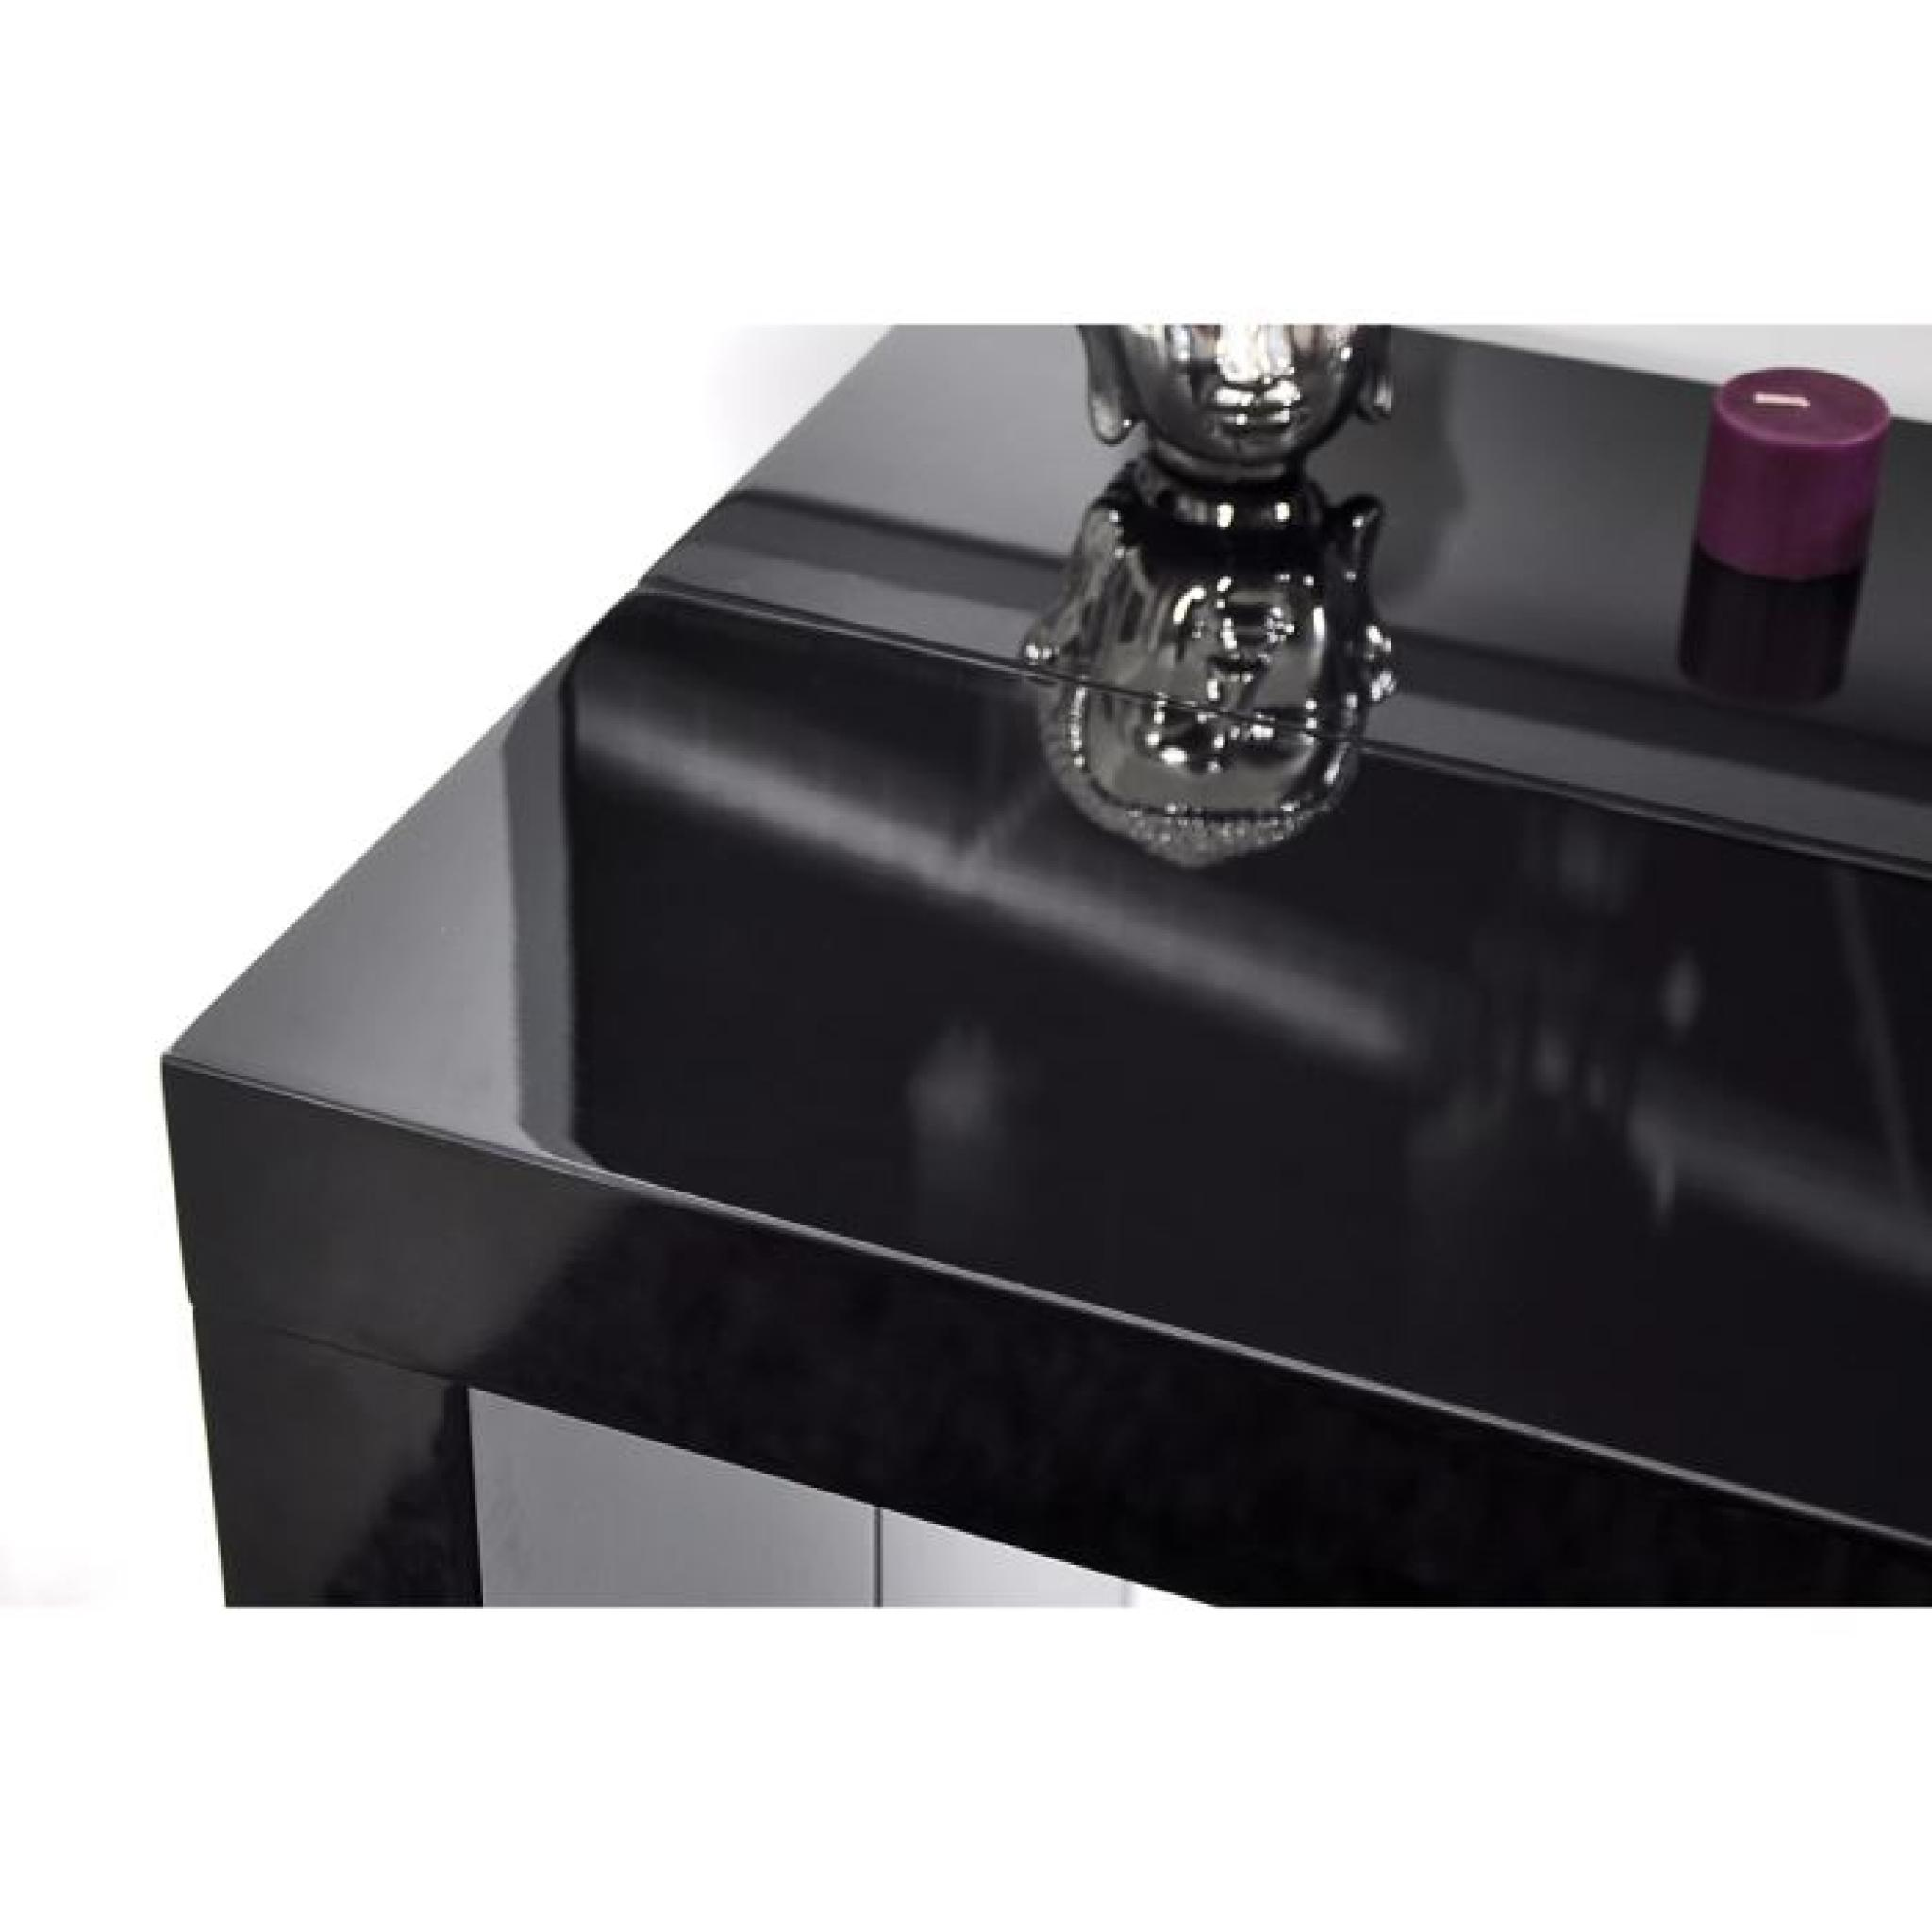 5 Venise Extensible Rallonges Console Noir qpzVSLUMjG